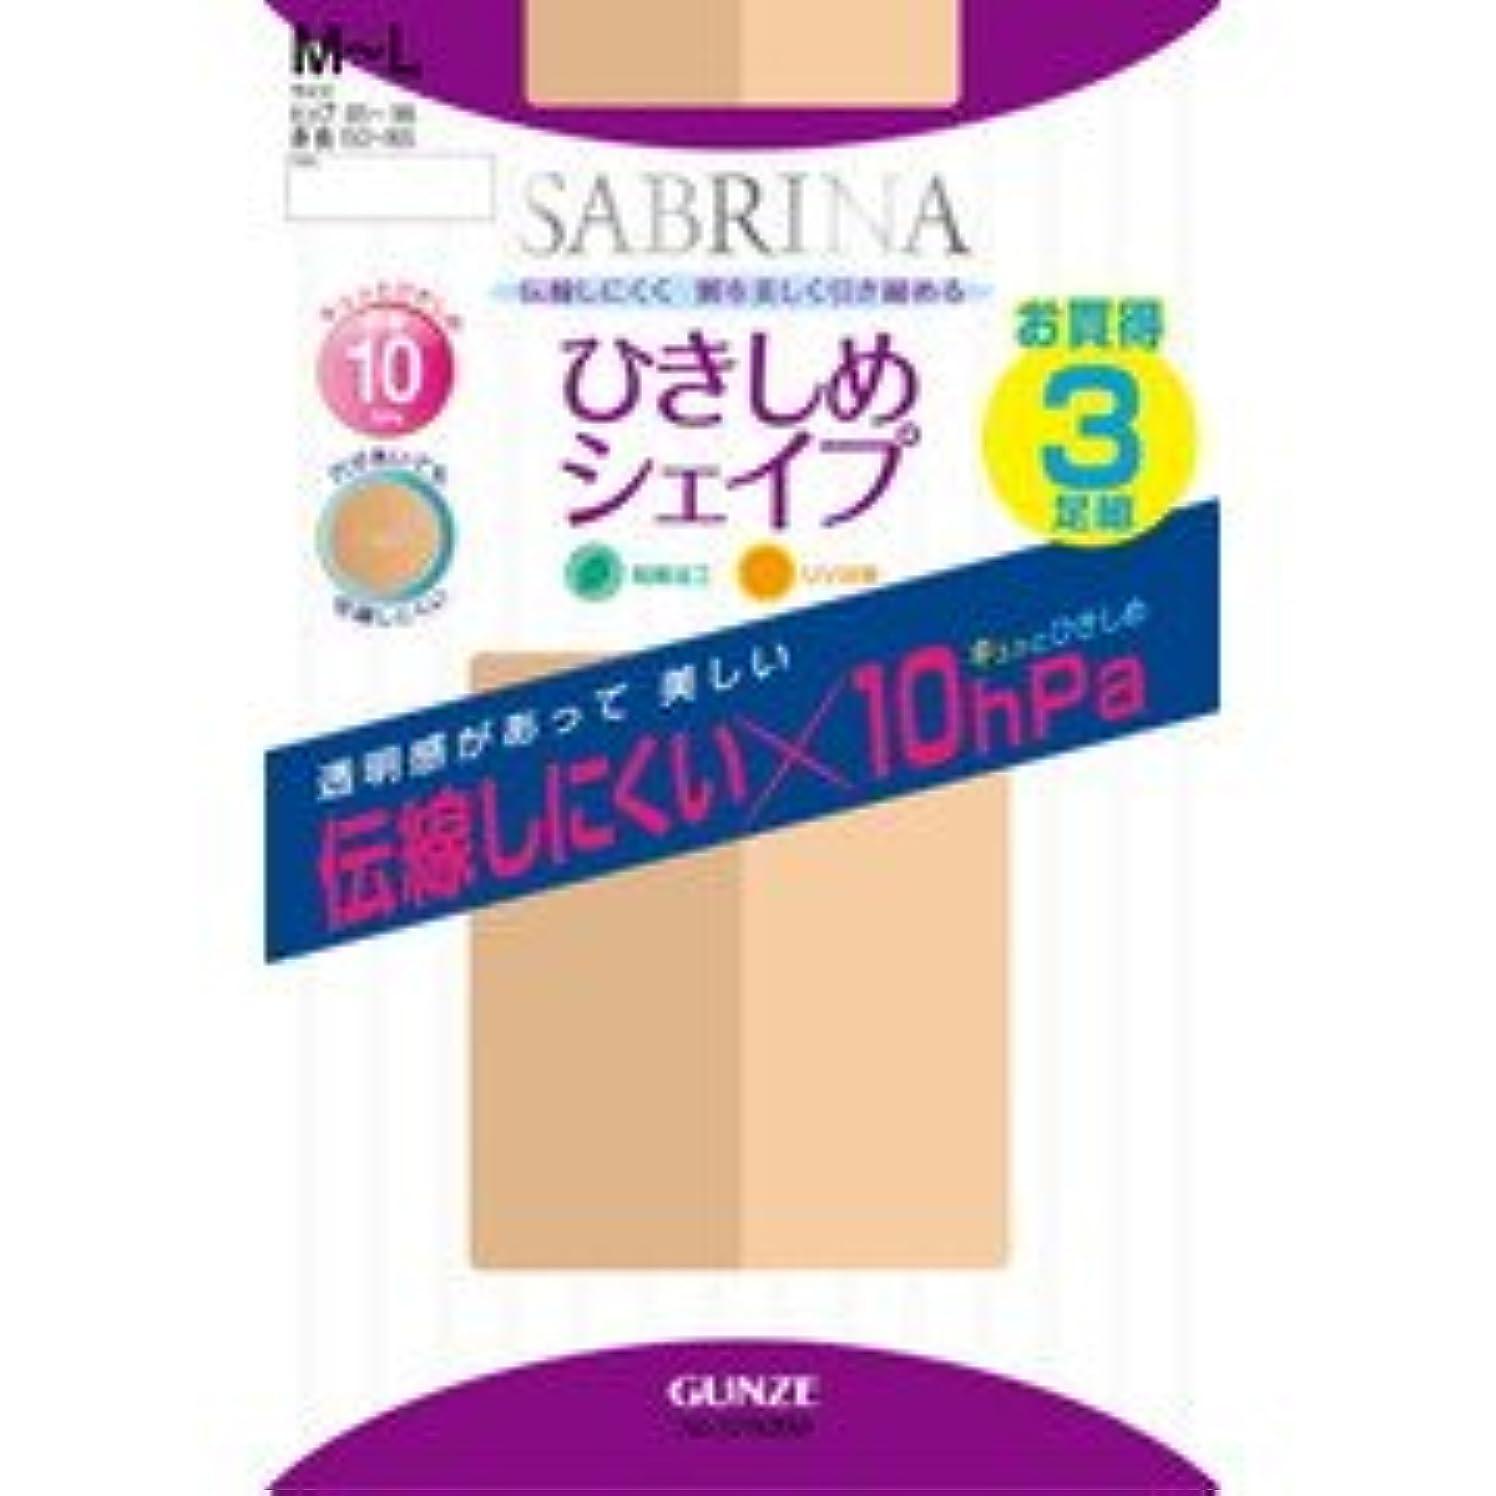 召集する弁護人コピーGUNZE(グンゼ)/SABRINA(サブリナ)/ストッキング3足組(婦人)/SP806L